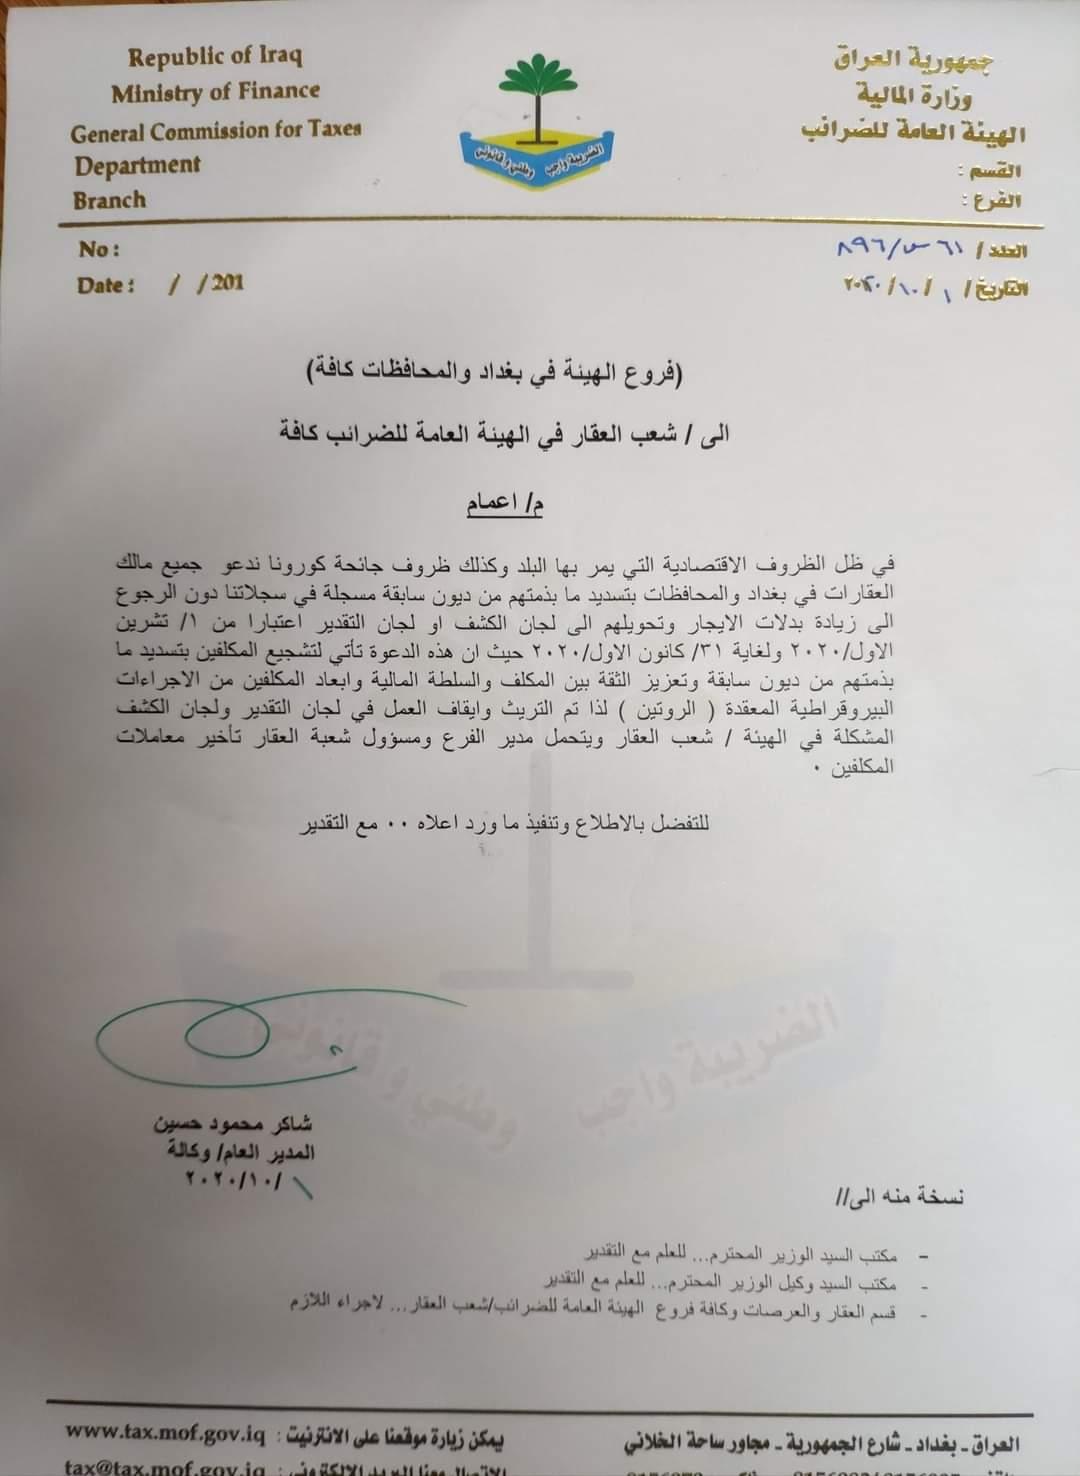 عهد جديد من الثقة بين الهيئة العامة للضرائب والمواطن